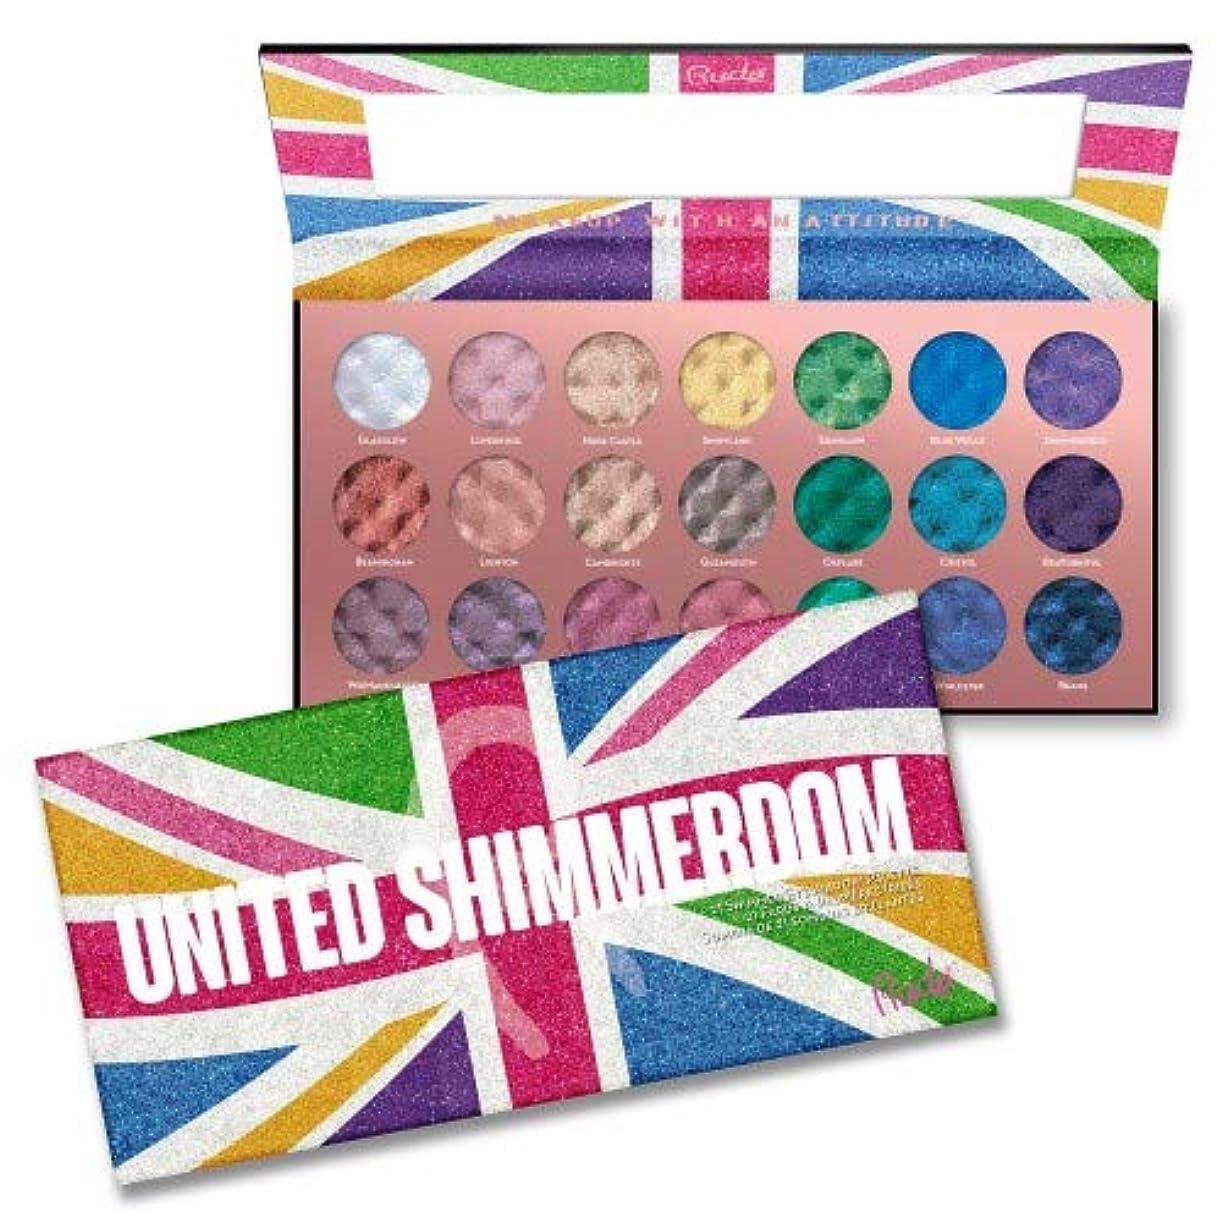 パブコンプリート一瞬(3 Pack) RUDE United Shimmerdom - 21 Shimmer Eyeshadow Palette (並行輸入品)